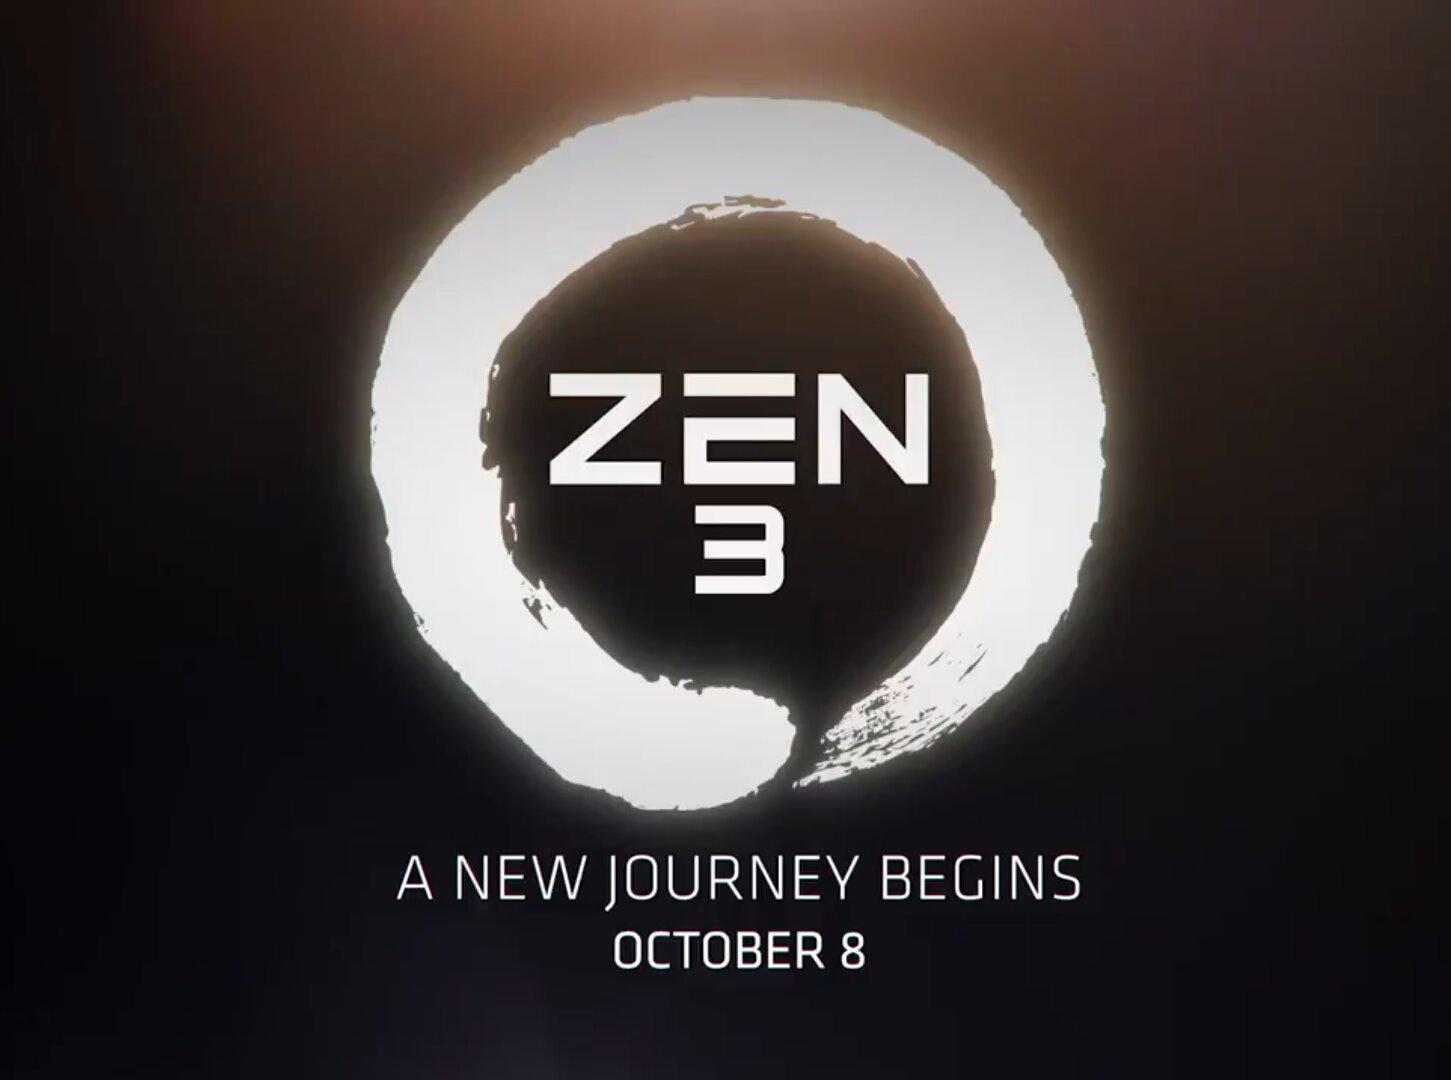 Support de Zen 3 : les constructeurs communiquent, ASUS annonce sa gamme B450 II